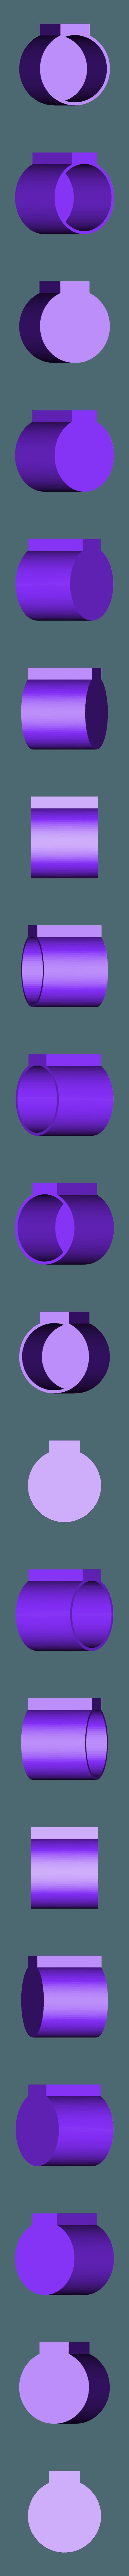 Superglue_Holder_v1.stl Download free STL file Paint Bottle Brush Holder with Super Glue and Tube Glue attachments • 3D print model, Mrdwgraf